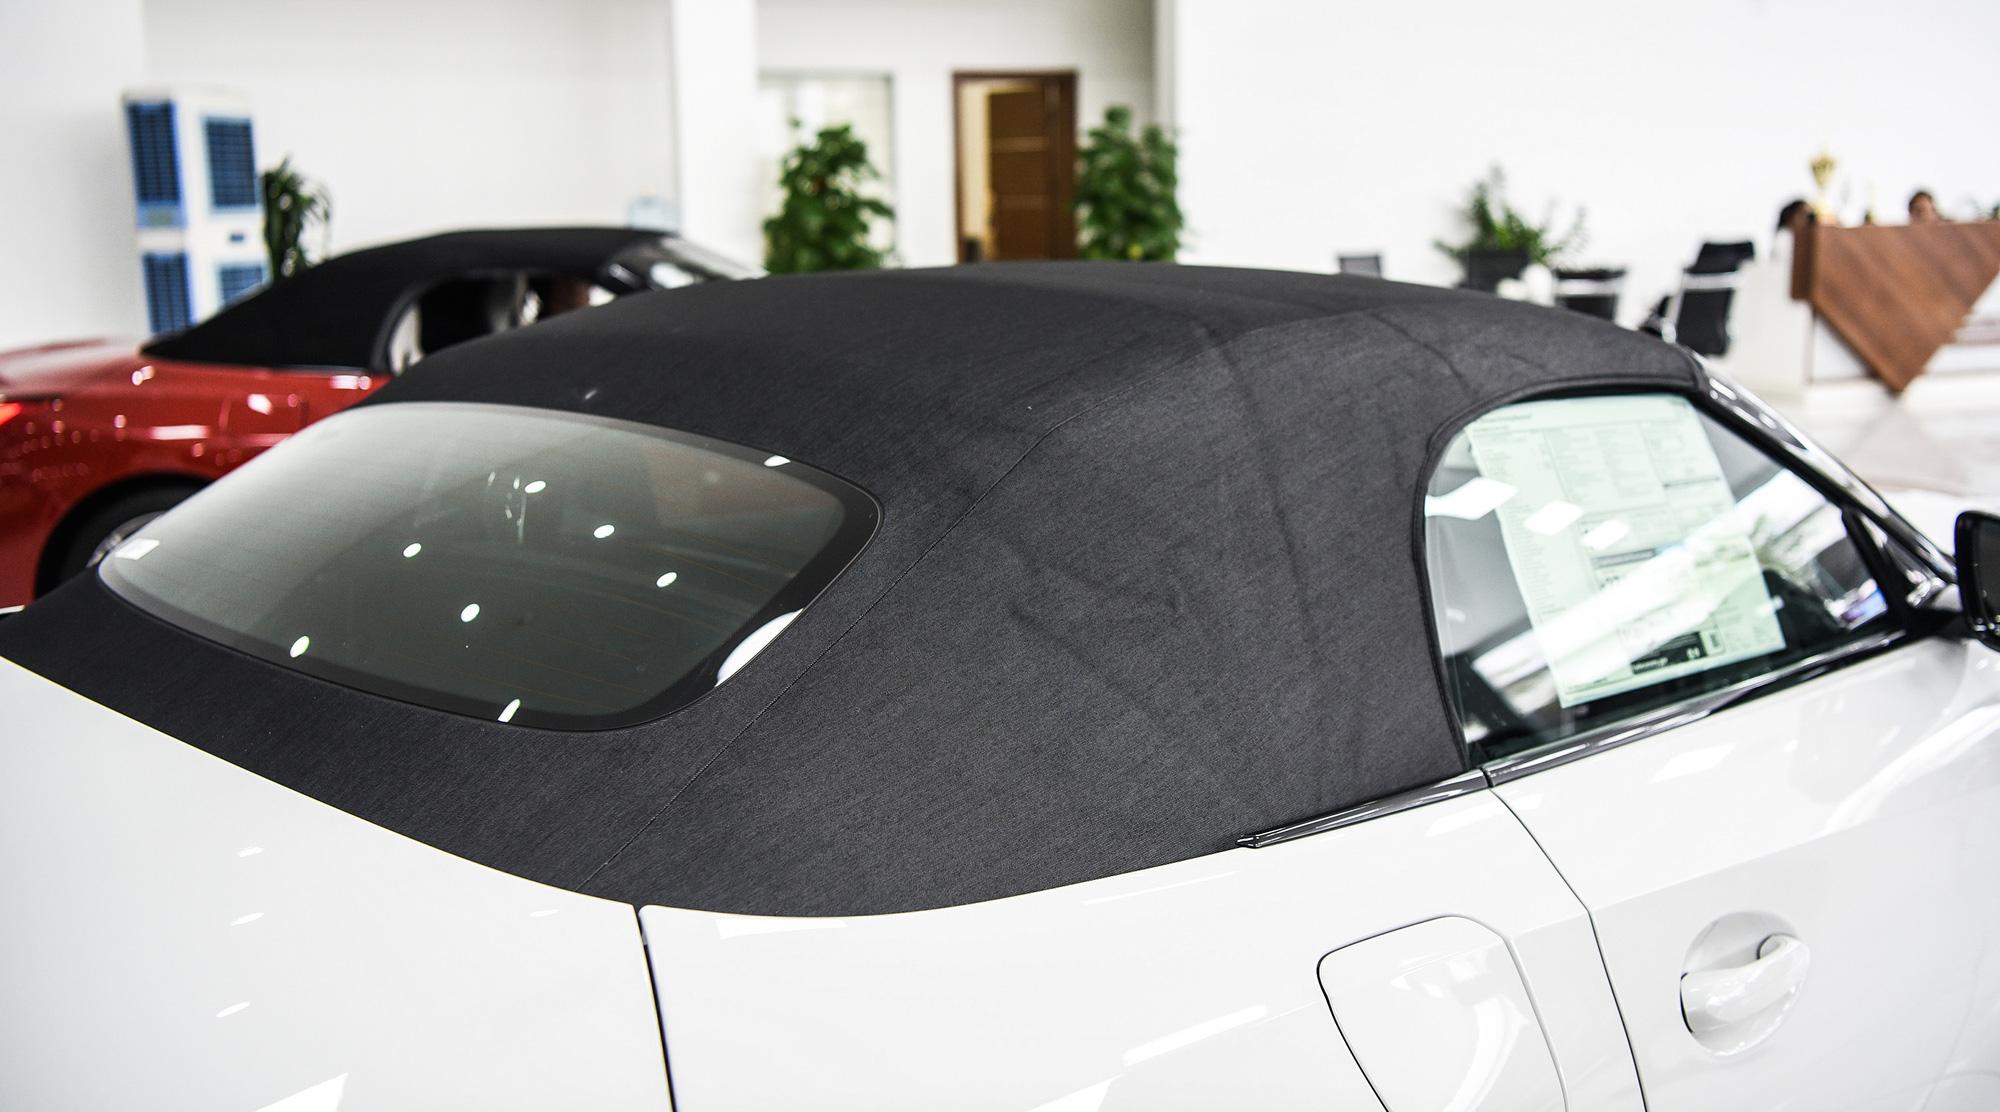 Chi tiết BMW Z4 sDrive30i M-Sport 2020 đầu tiên tại Việt Nam - Ảnh 4.